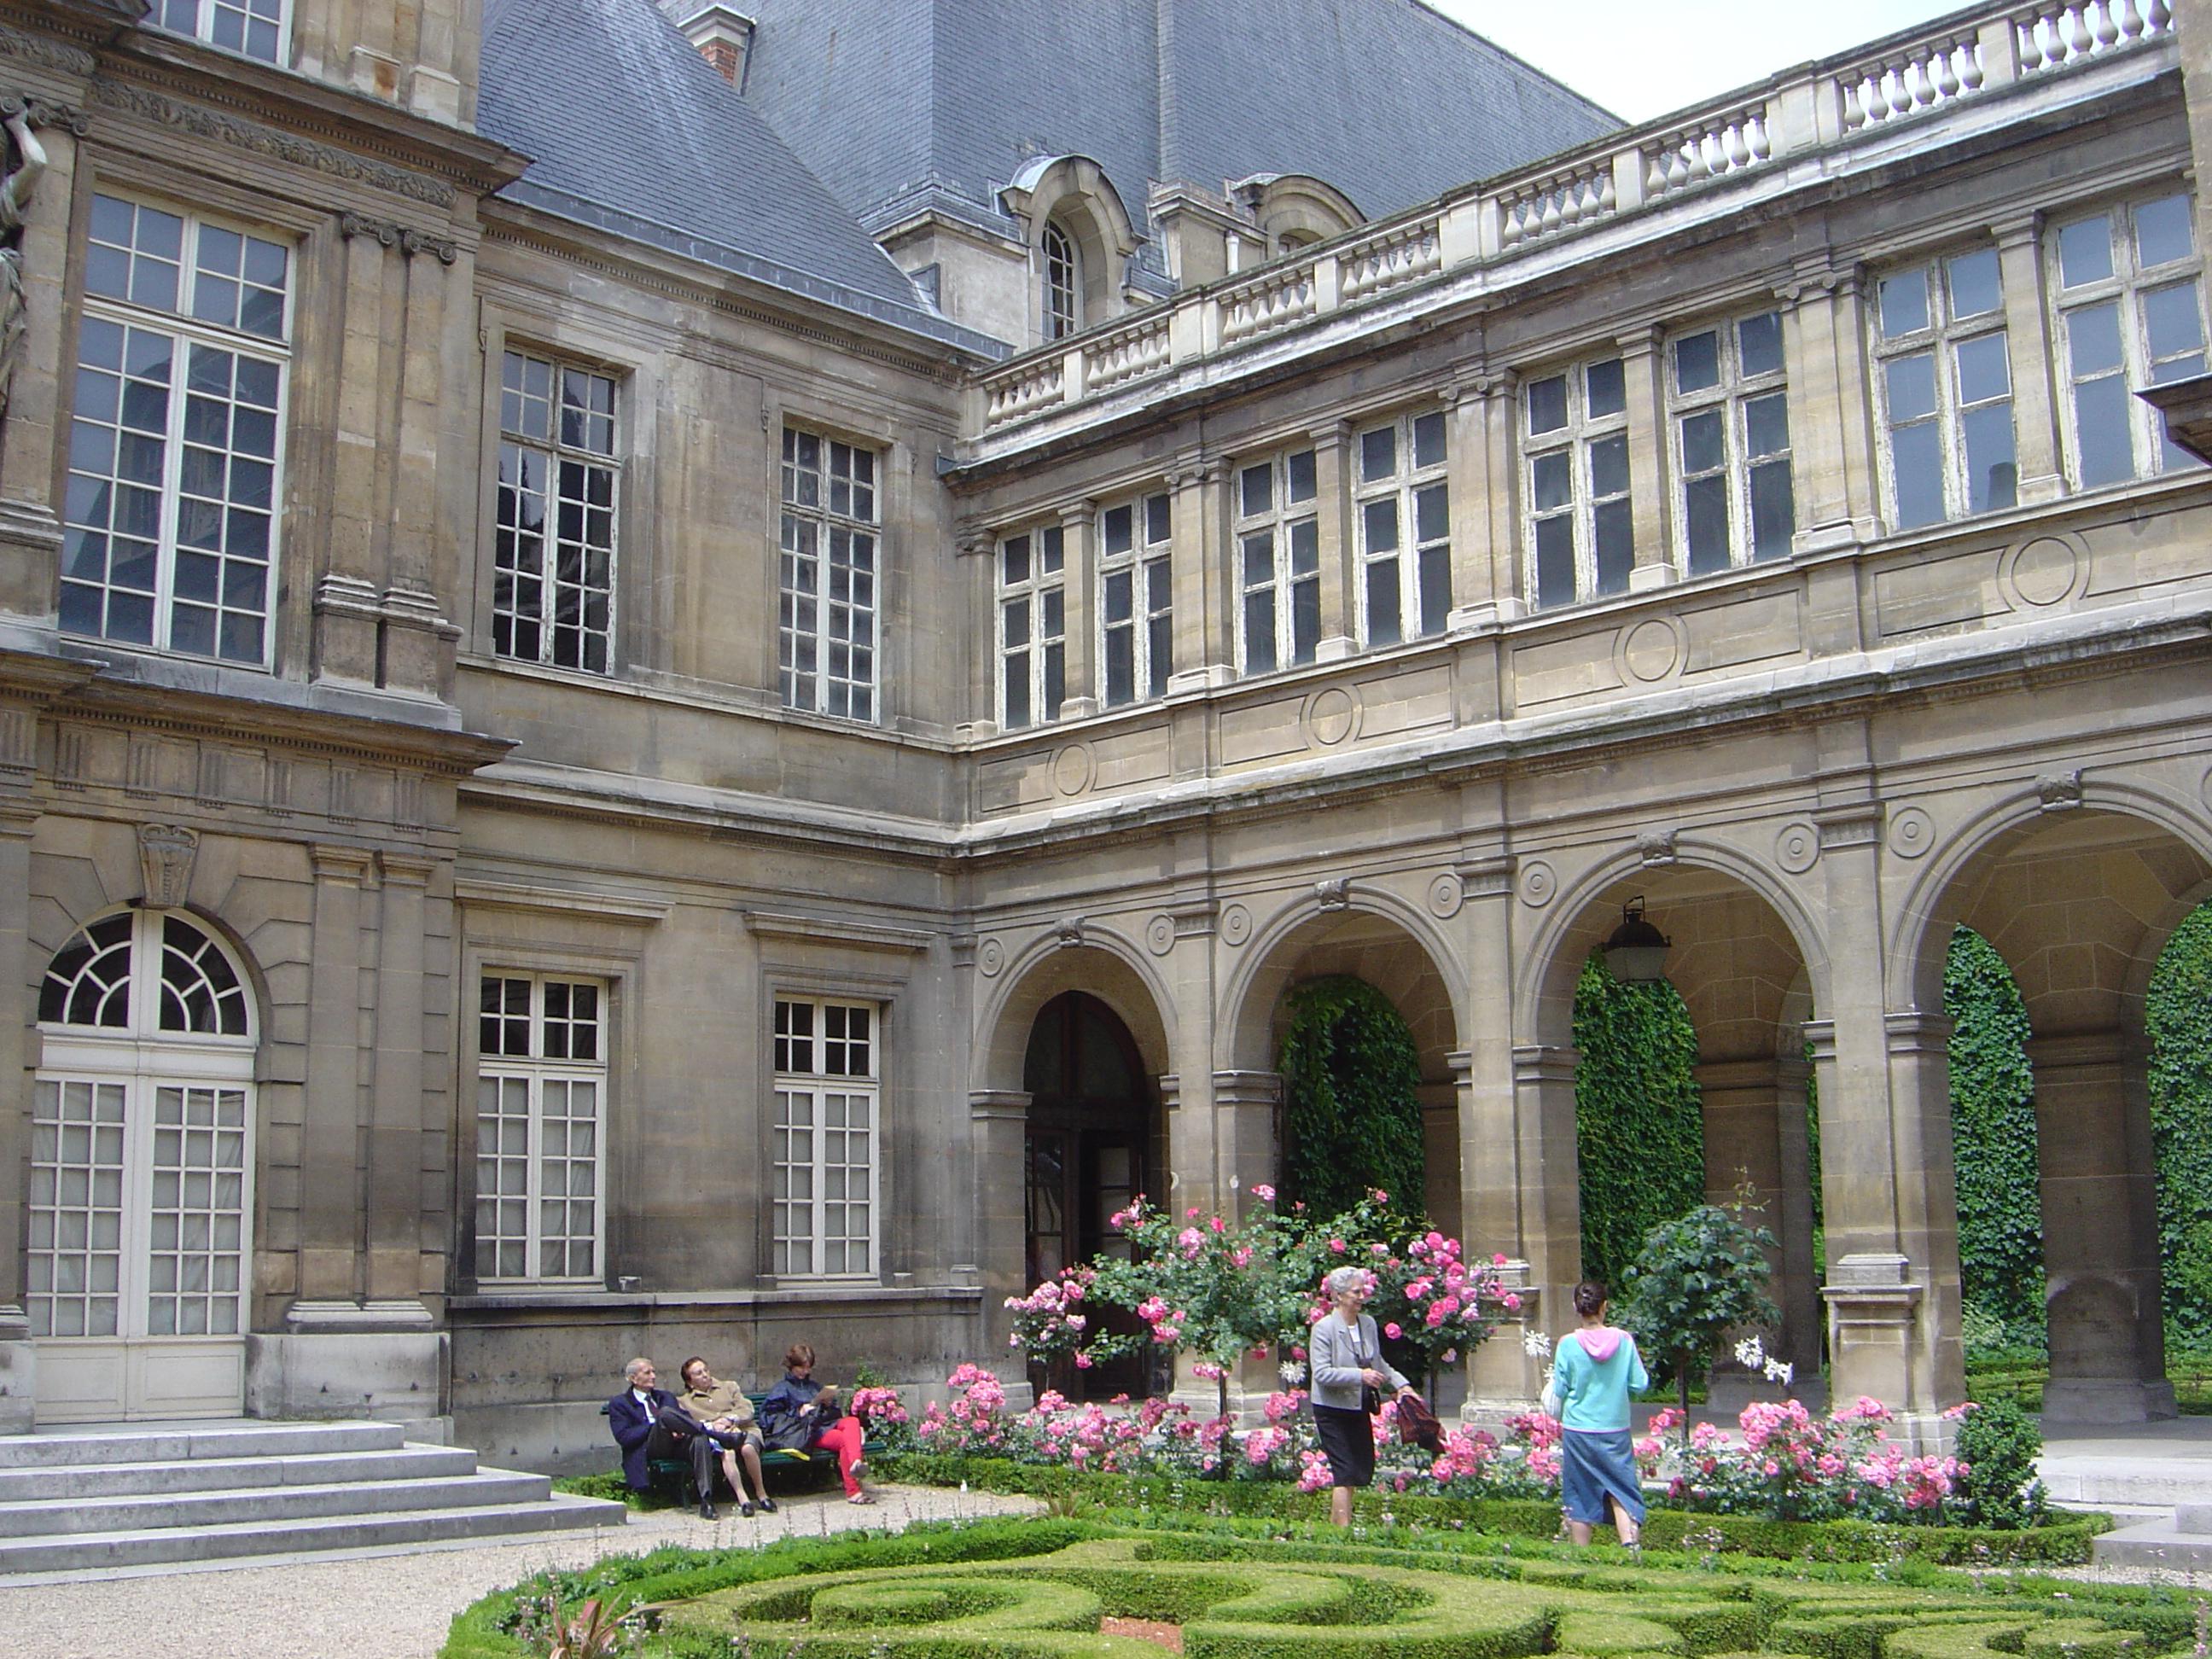 Carnavalet's central garden